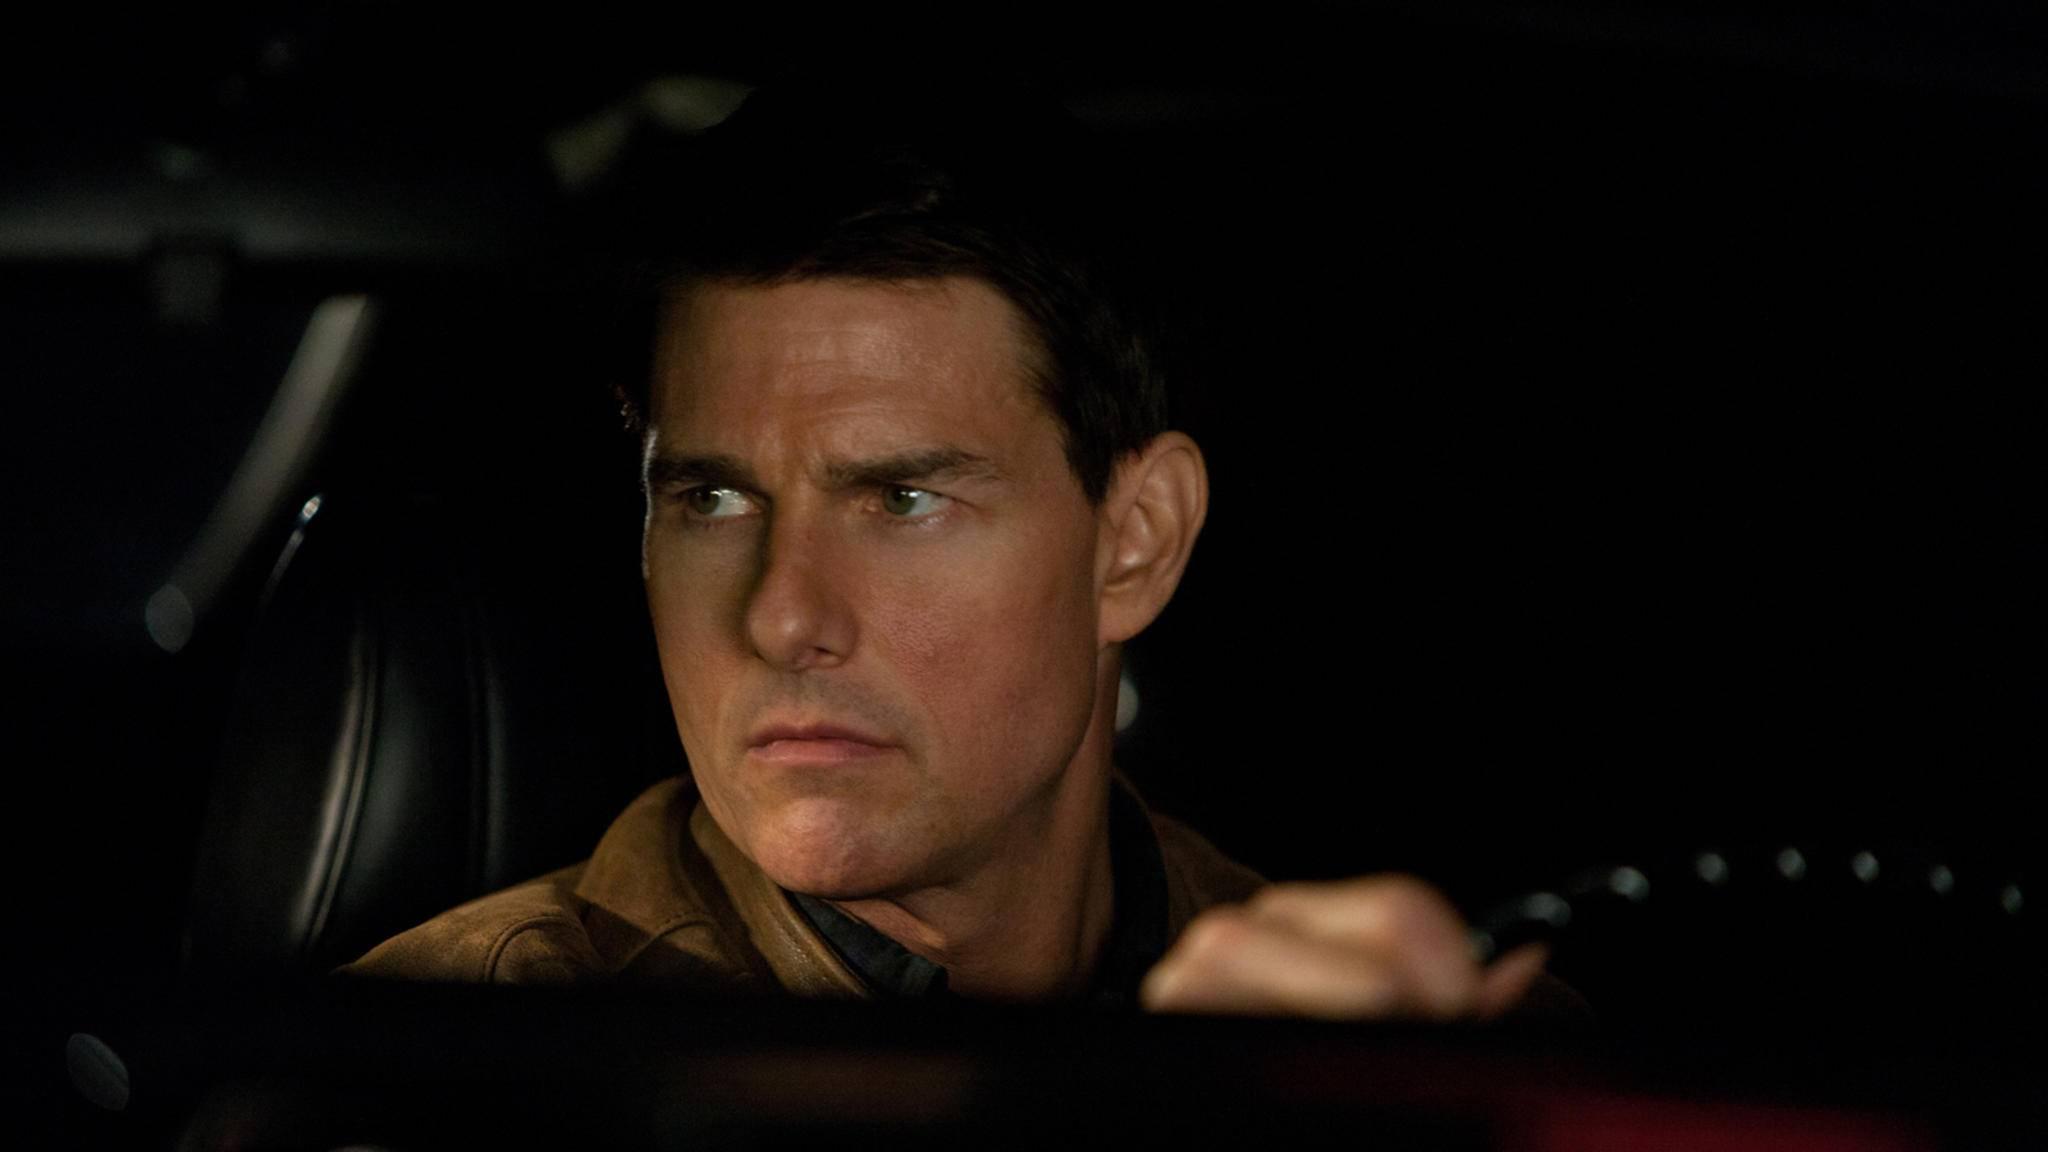 Na , wer wird denn eine Schnute ziehen? Tom Cruise Zeiten als Jack Reacher sind vorbei.